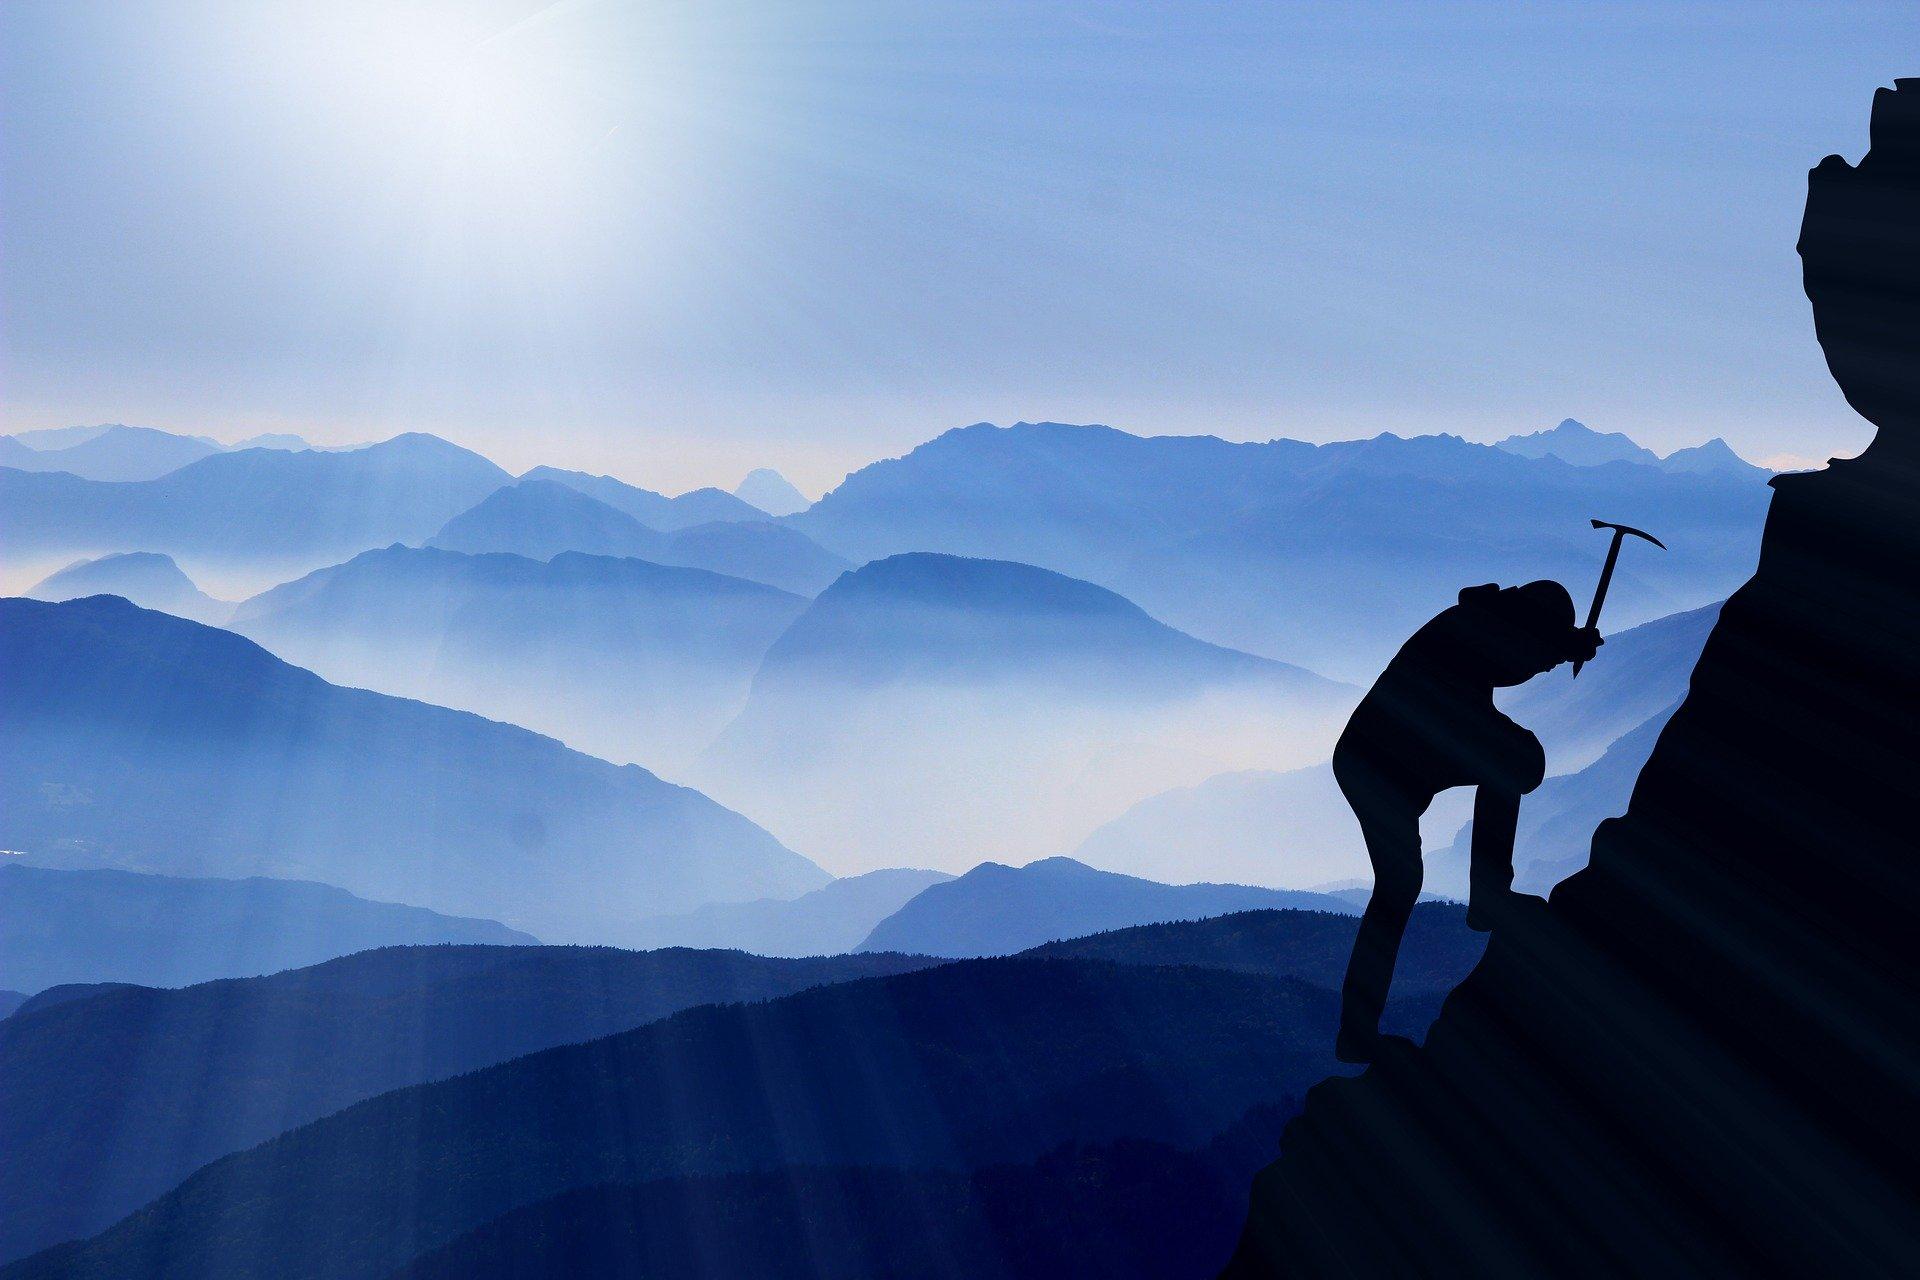 Рейтинг лучших ледобуров для альпинизма на 2020 год